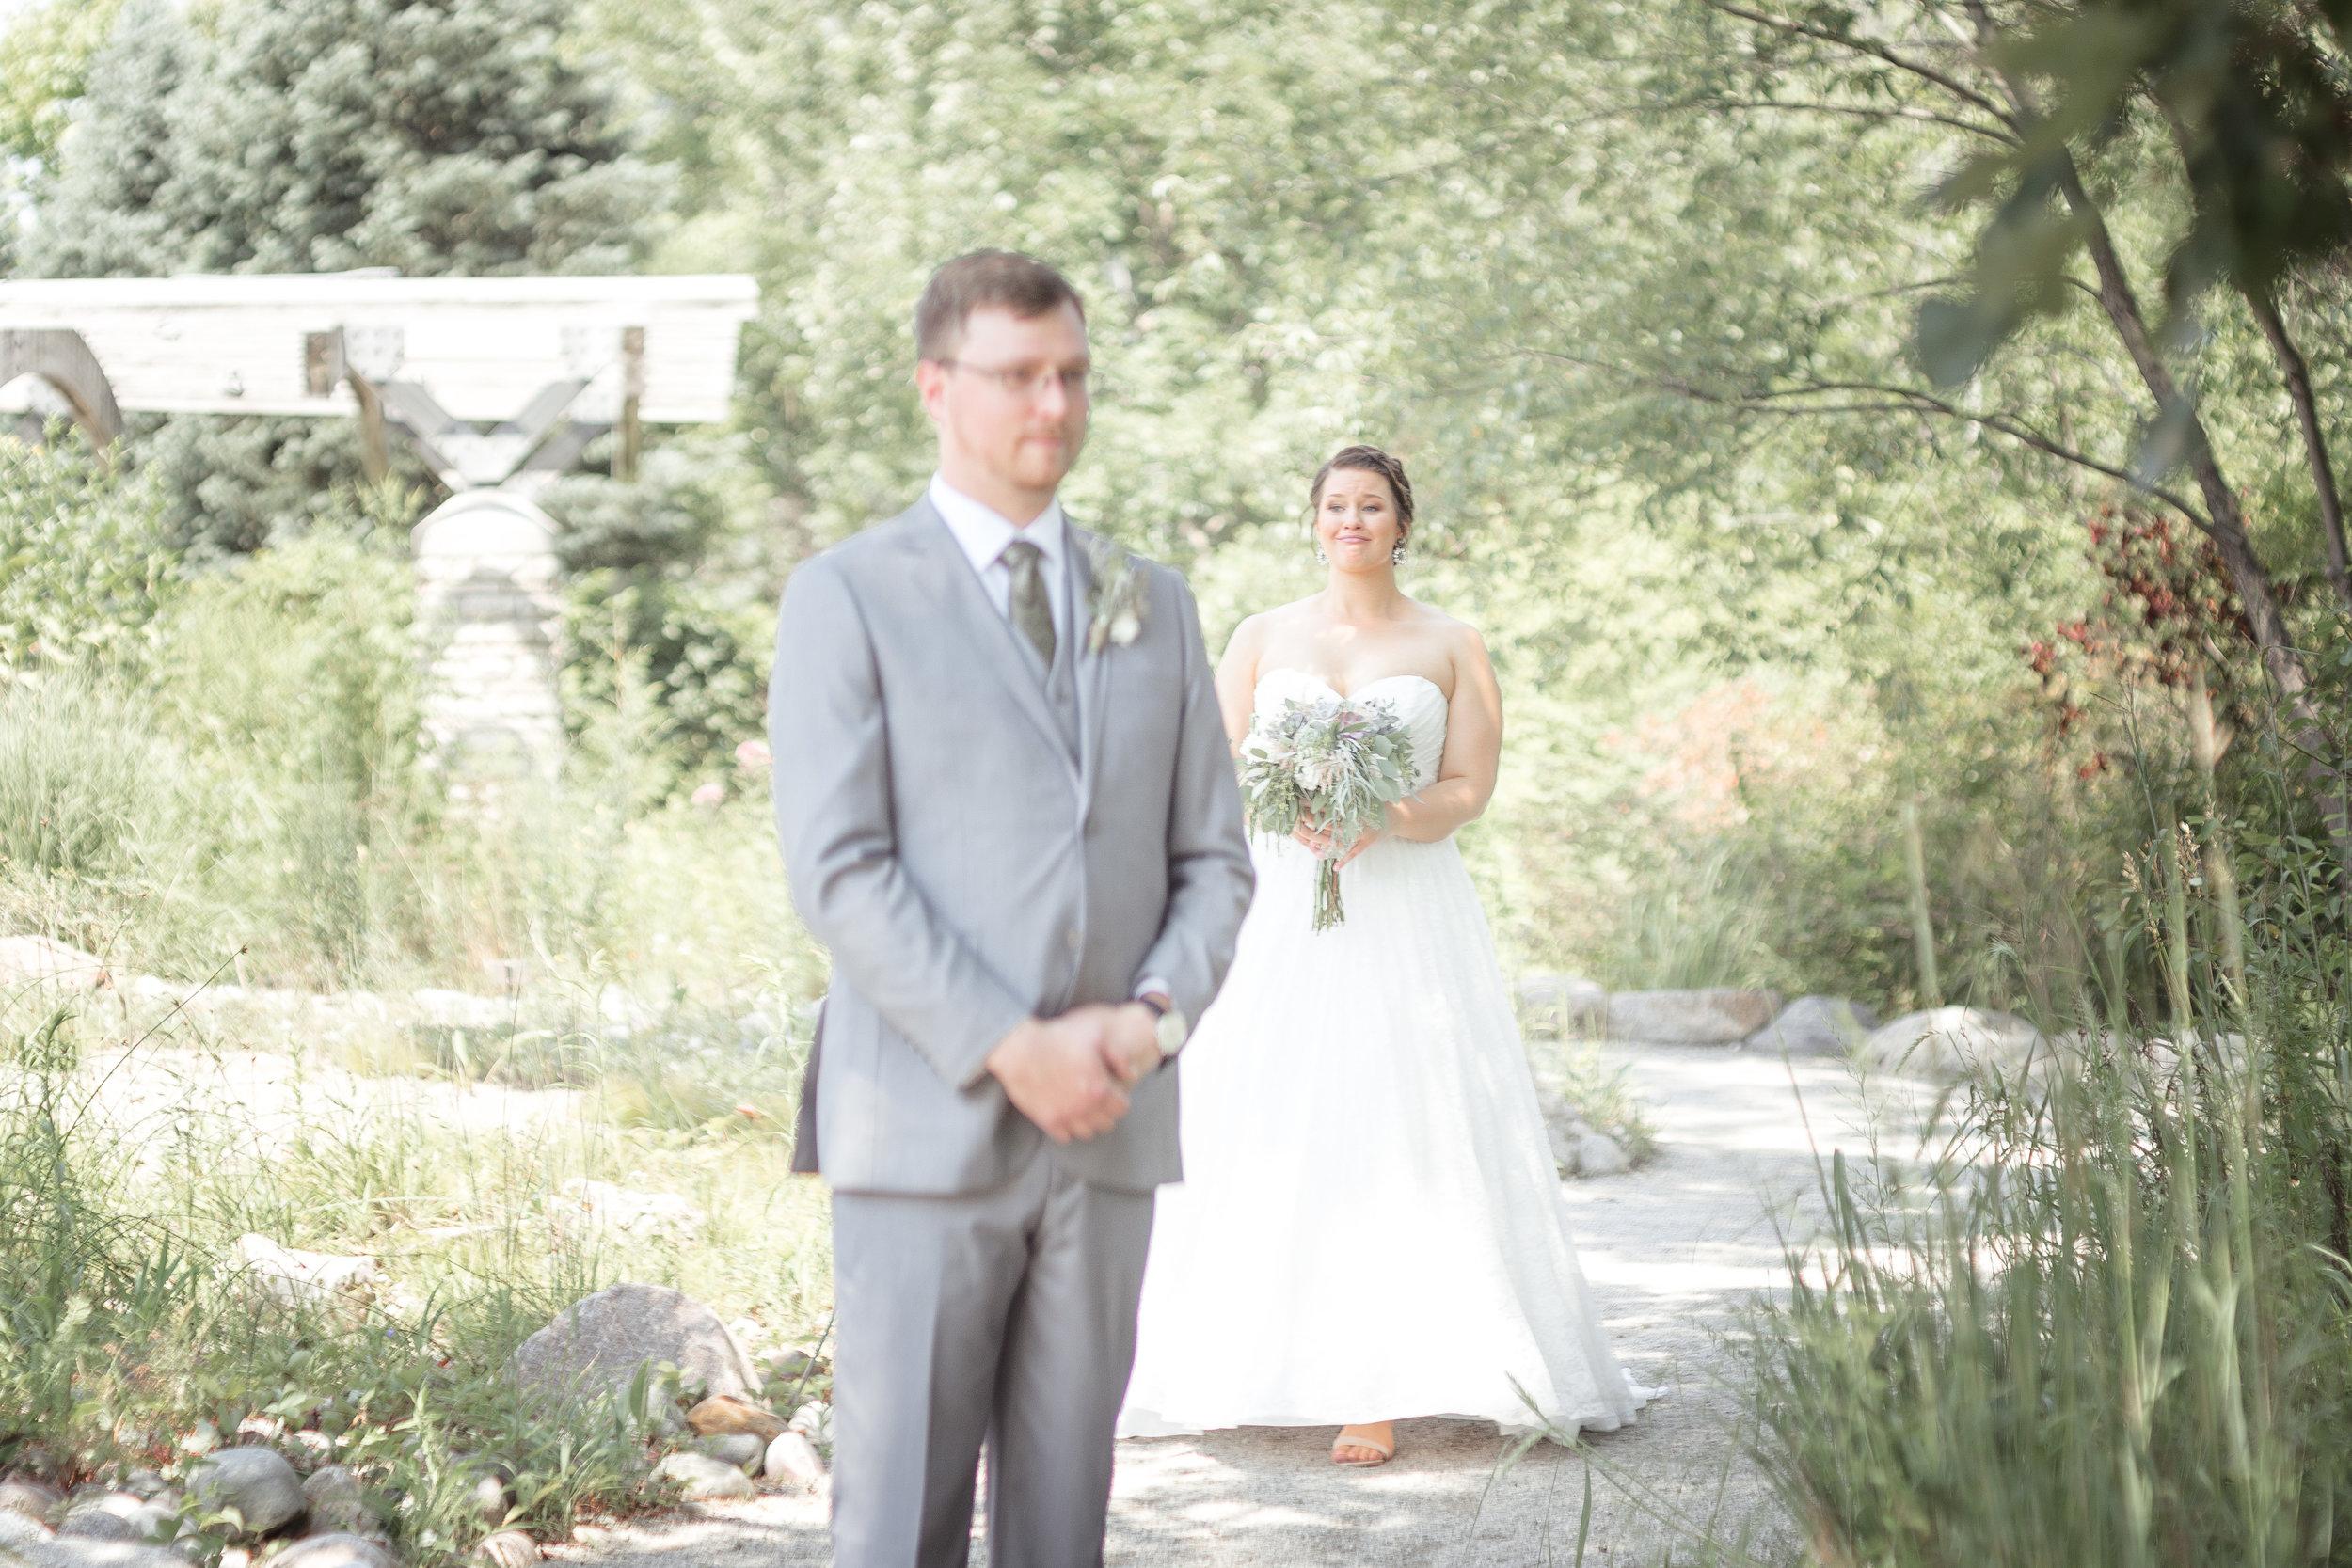 C_Wedding_Sarver, Alyssa & Scott_FOR BLOG-26.JPG